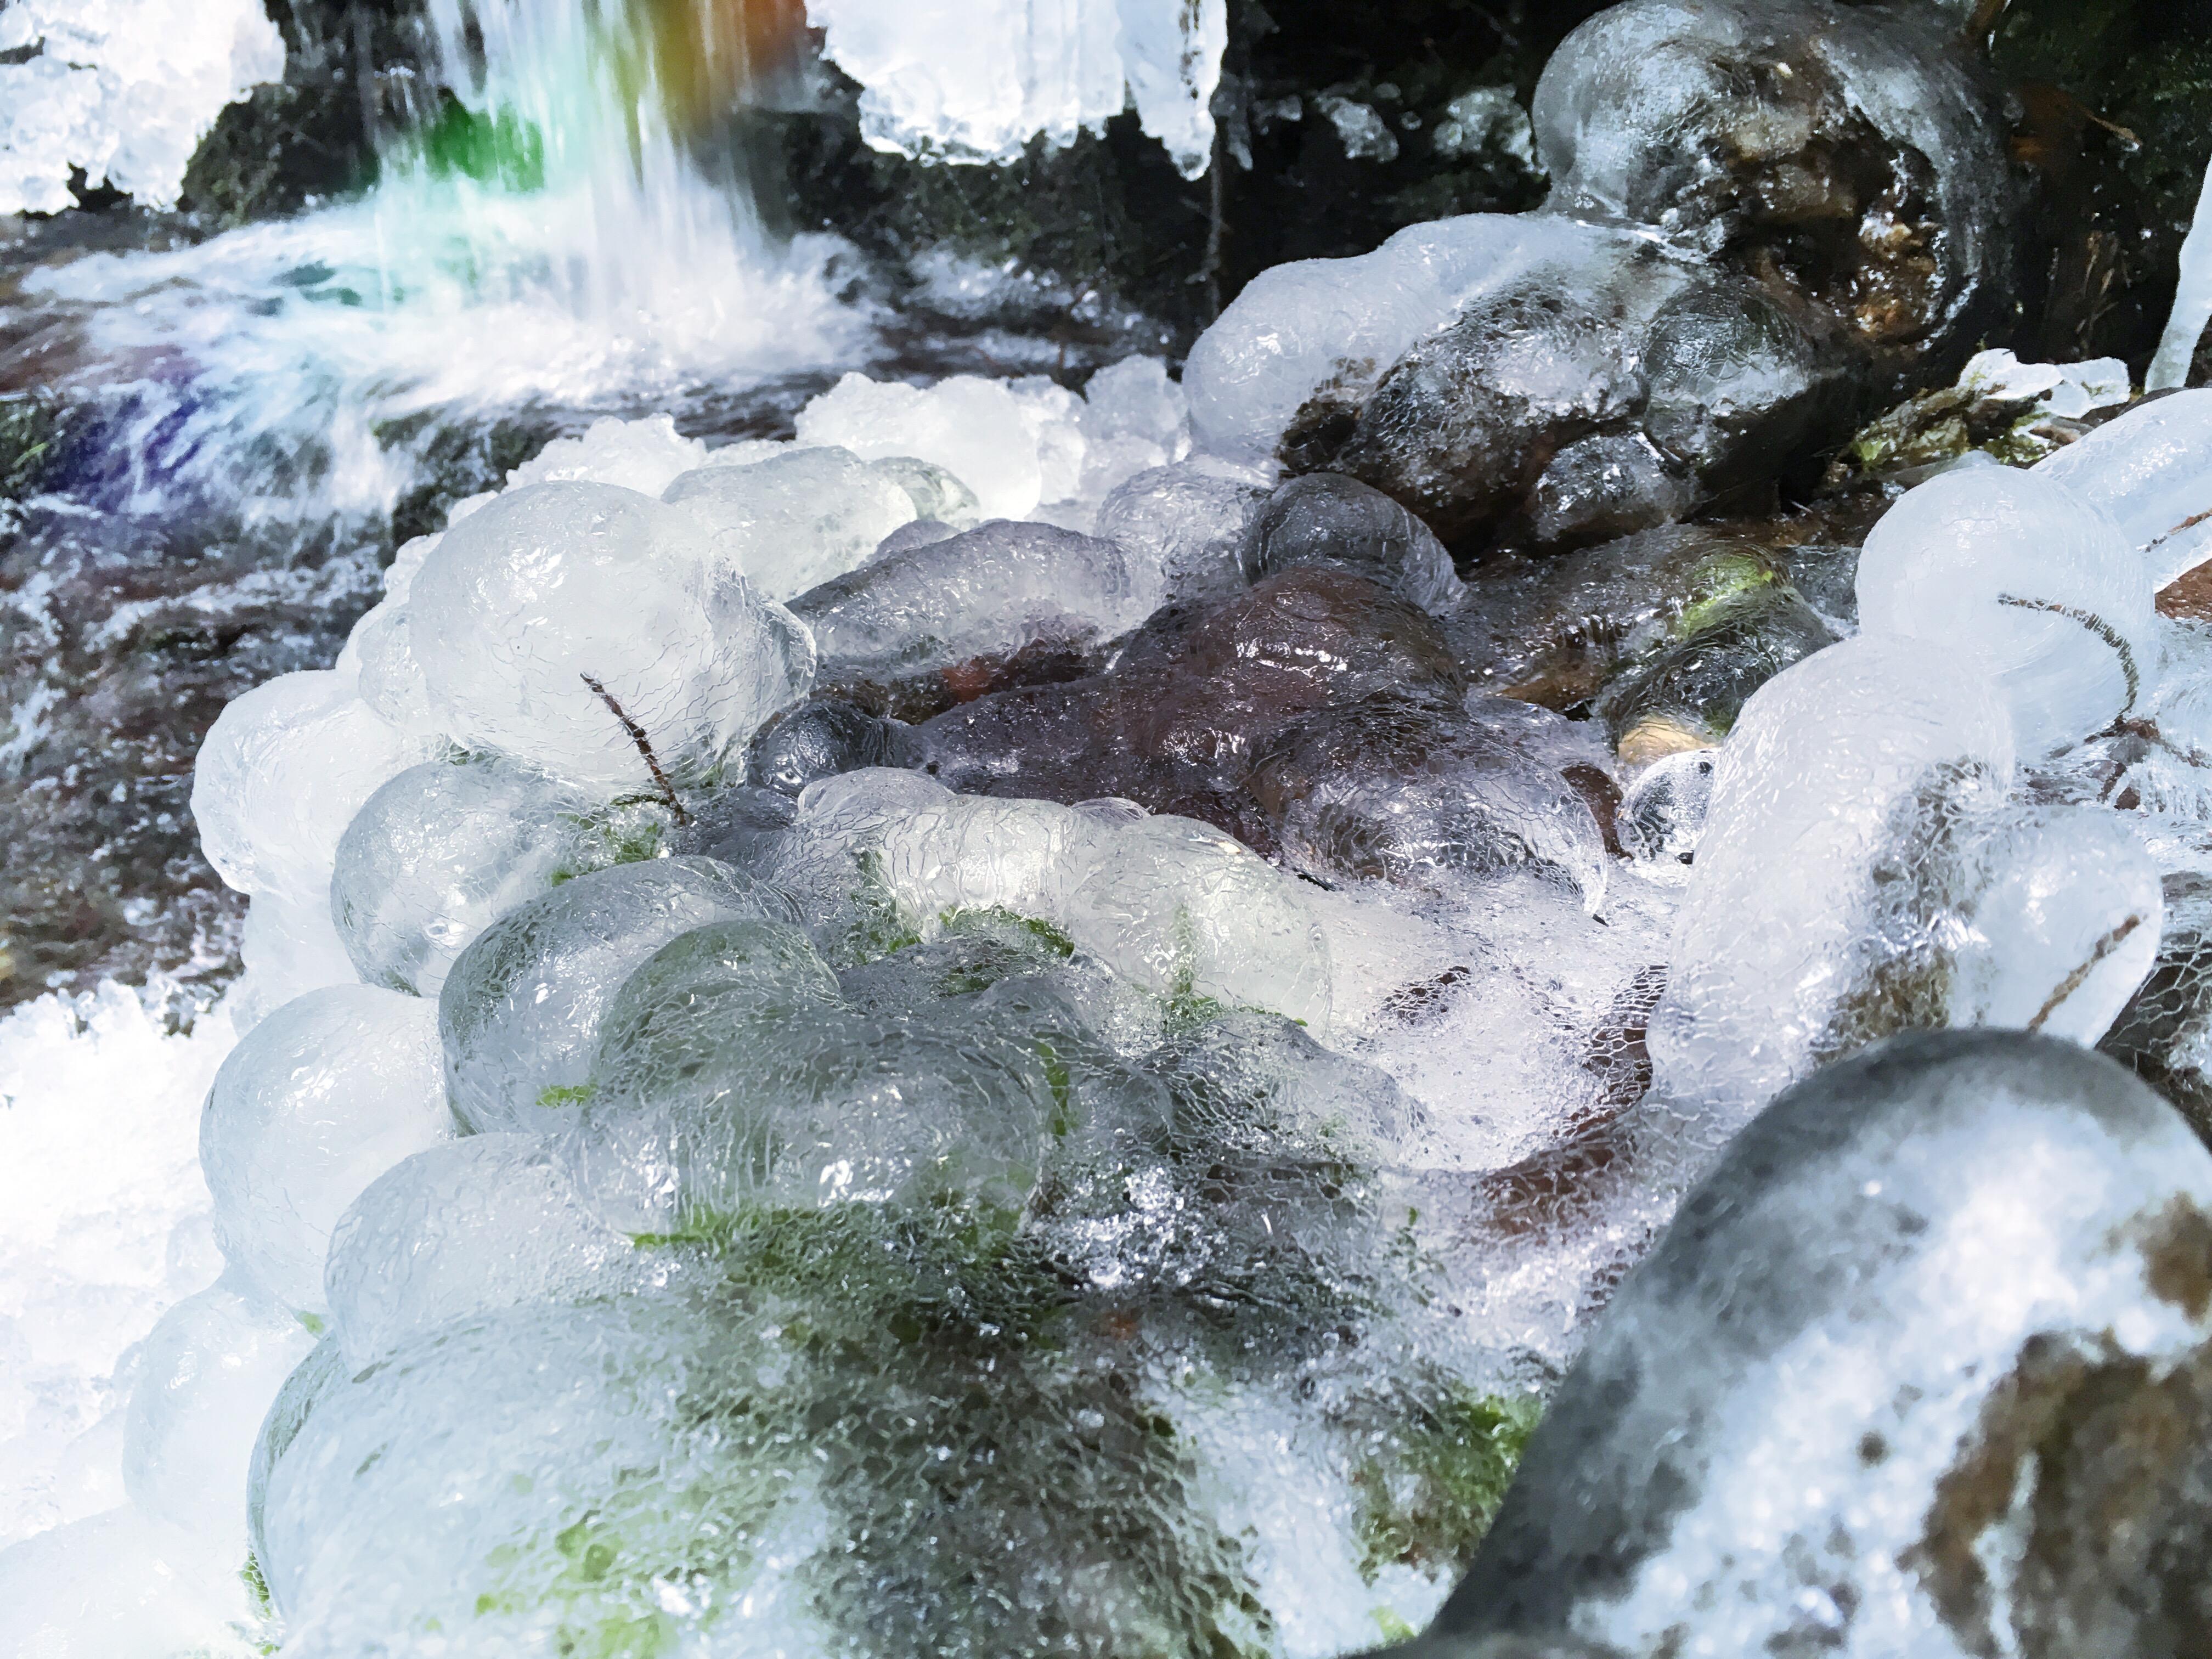 Frozen river, Culloden, 2018